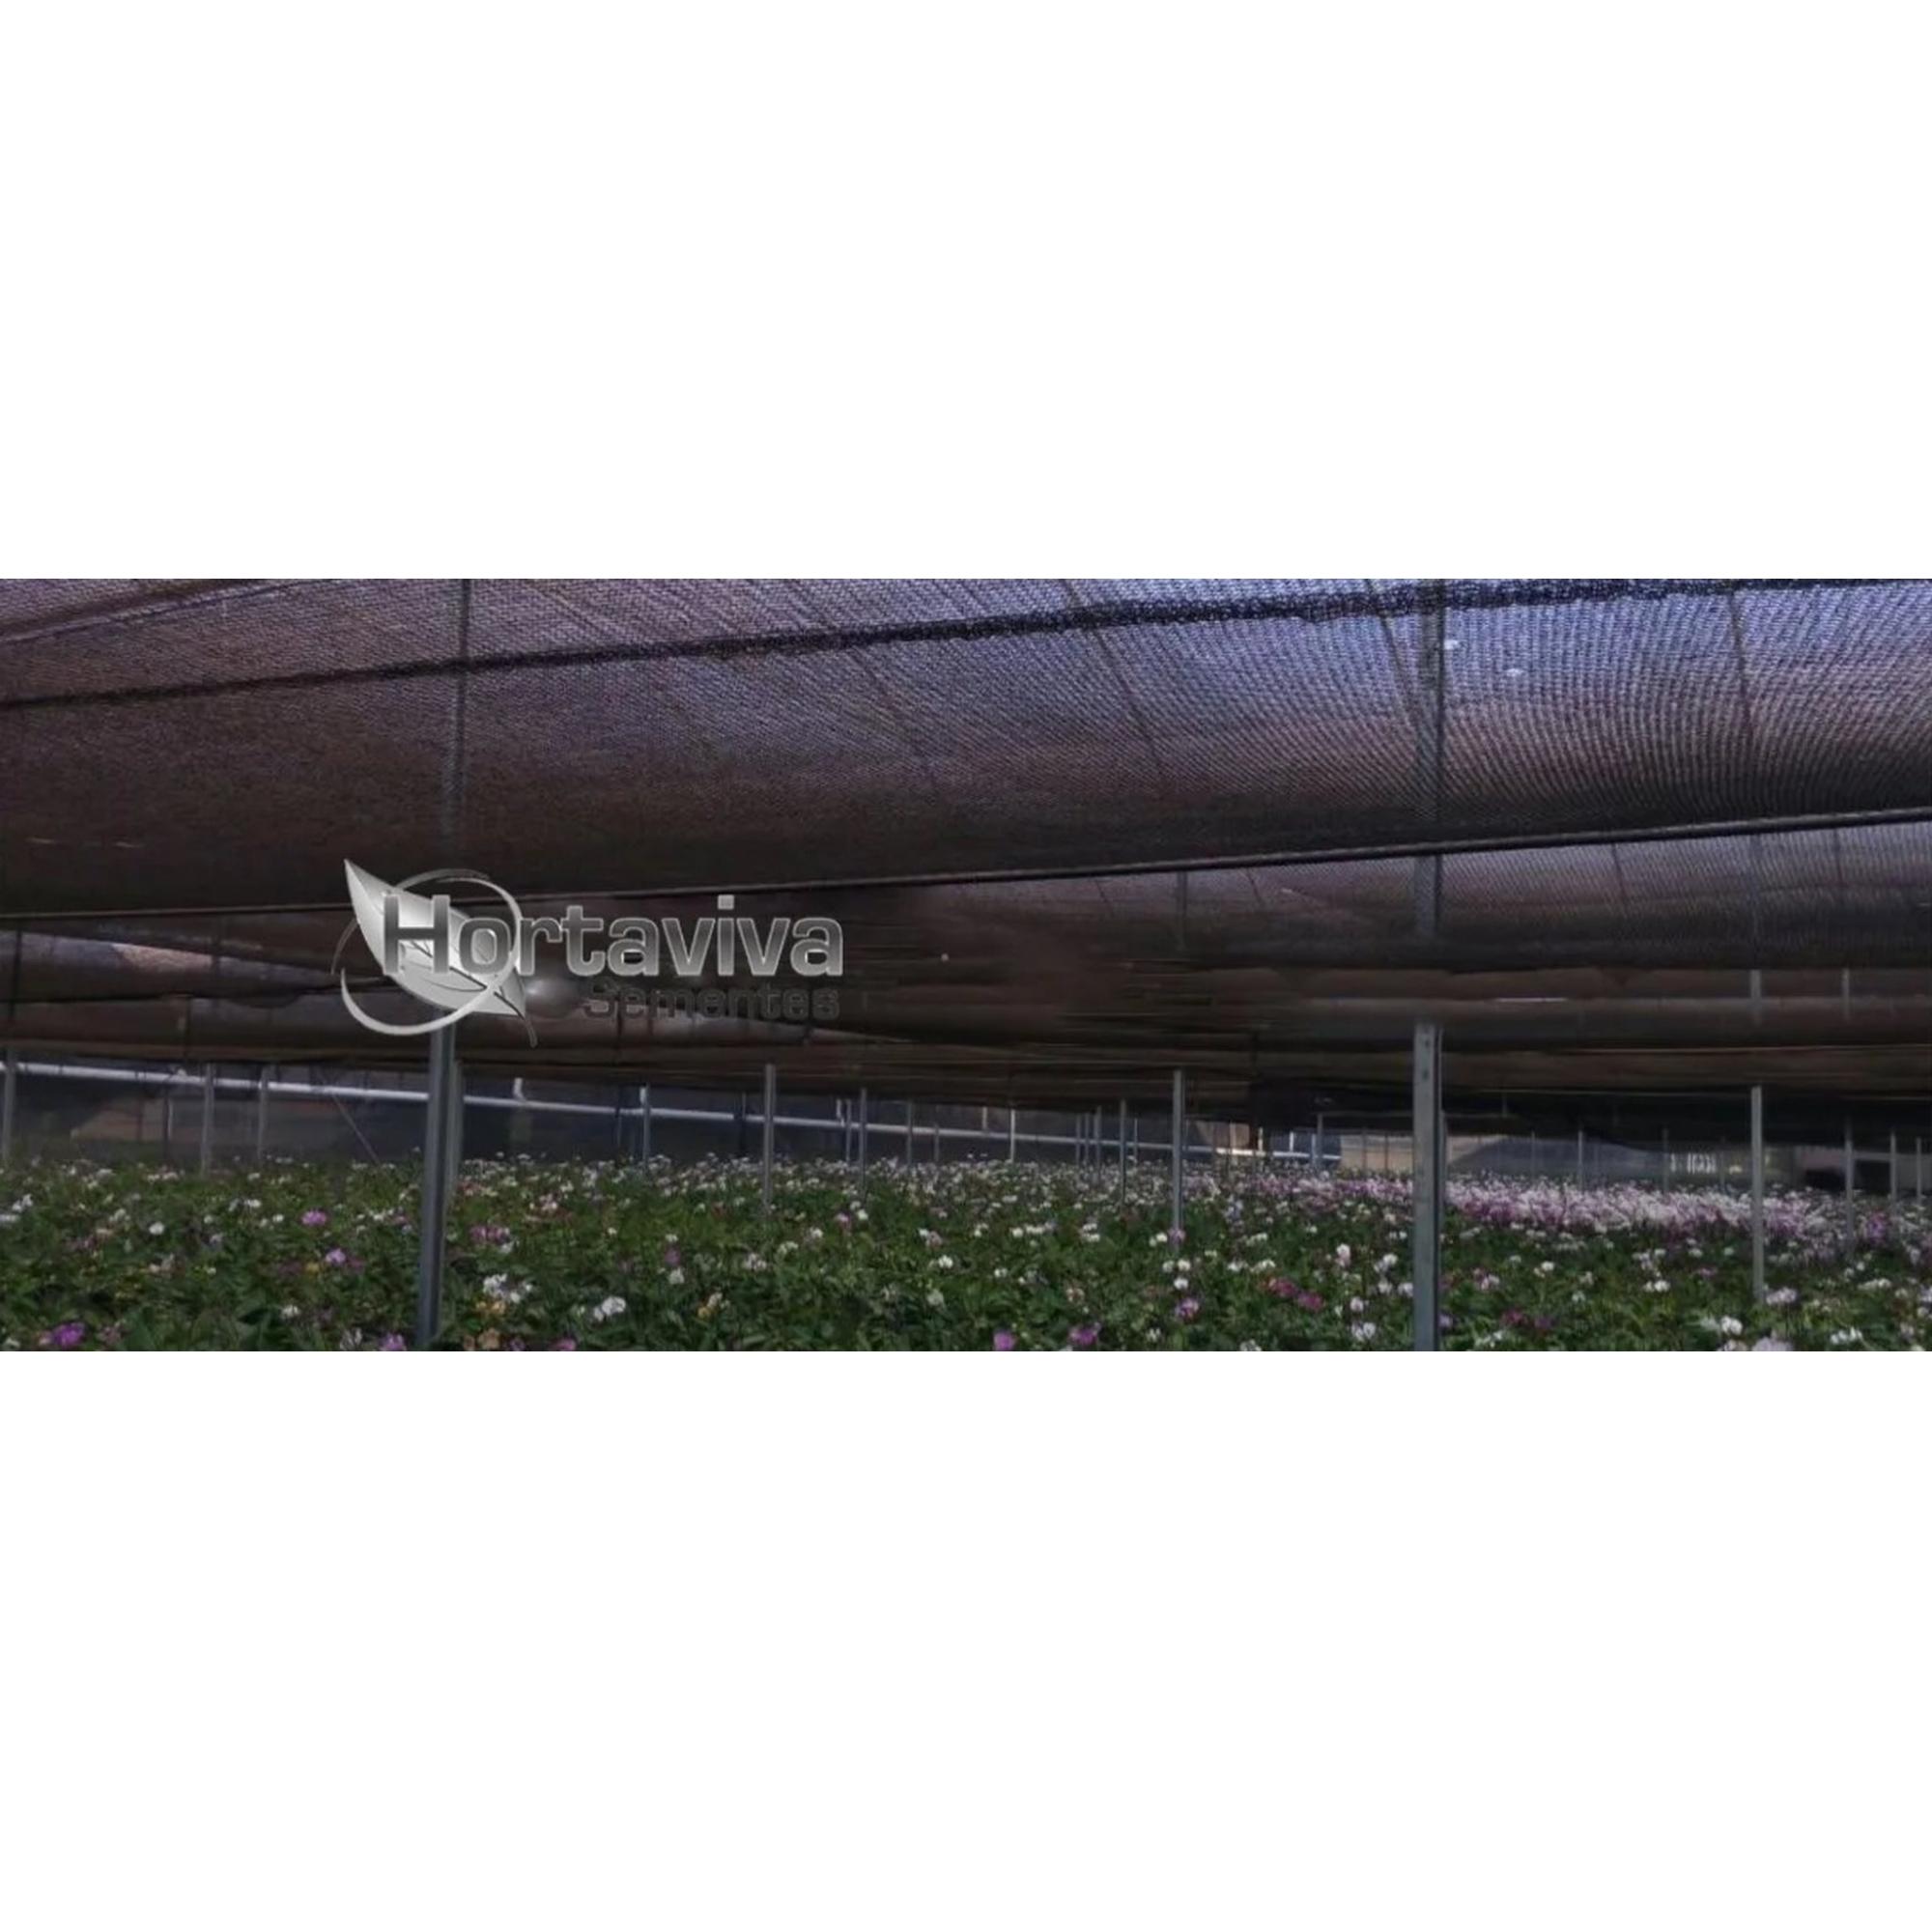 Tela de Sombreamento Preta 50% - 7 Metros x 45 Metros